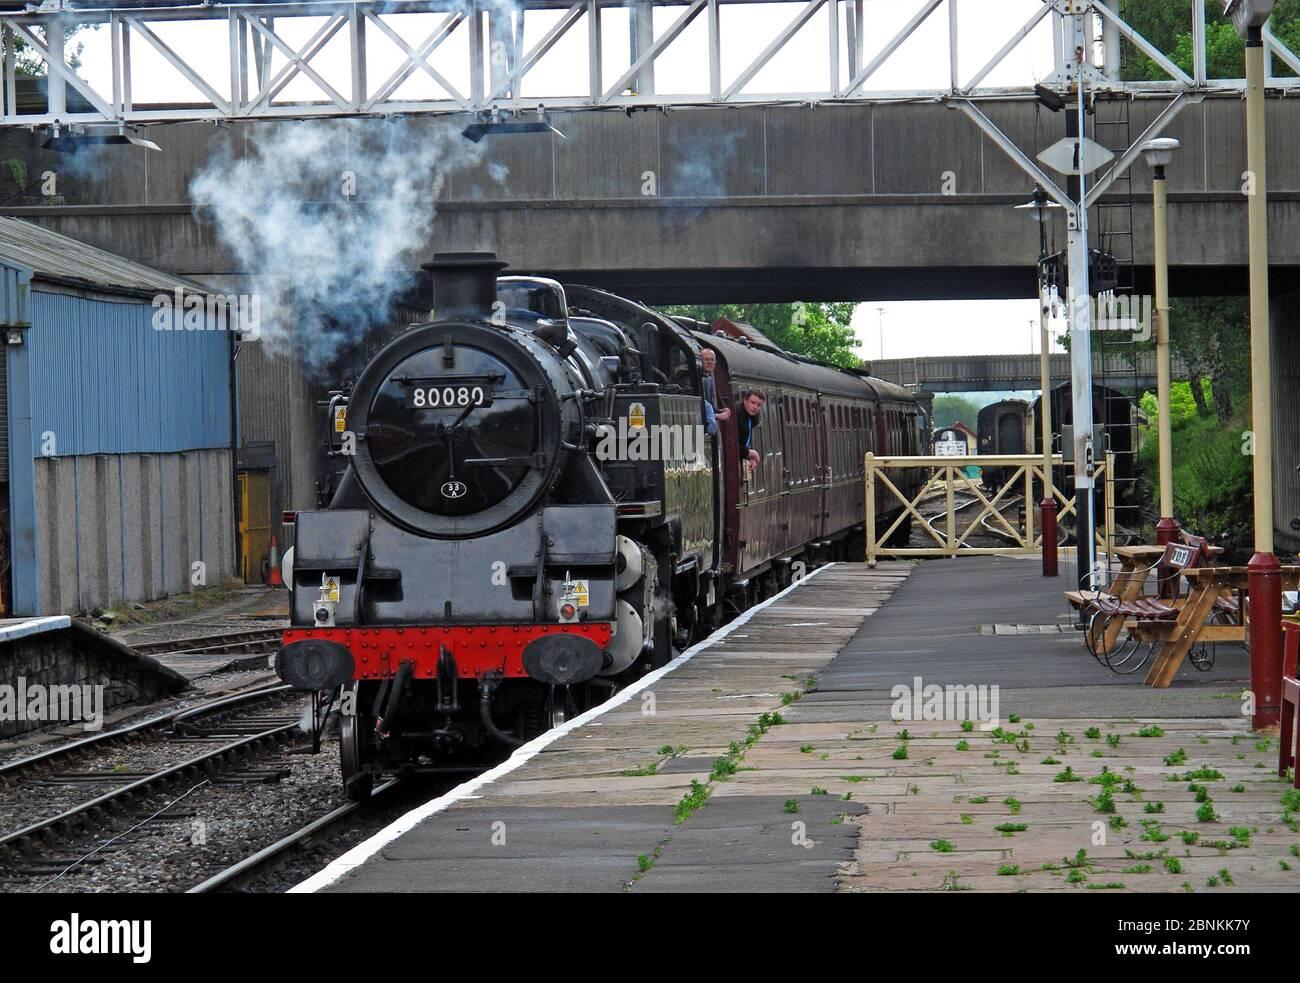 Dieses Stockfoto: Dampflokomotive 80080, bei Bury ELR, East Lancs Railway, erhaltene britische Dampflokomotive, Greater Manchester, England, Großbritannien - 2BNKK7